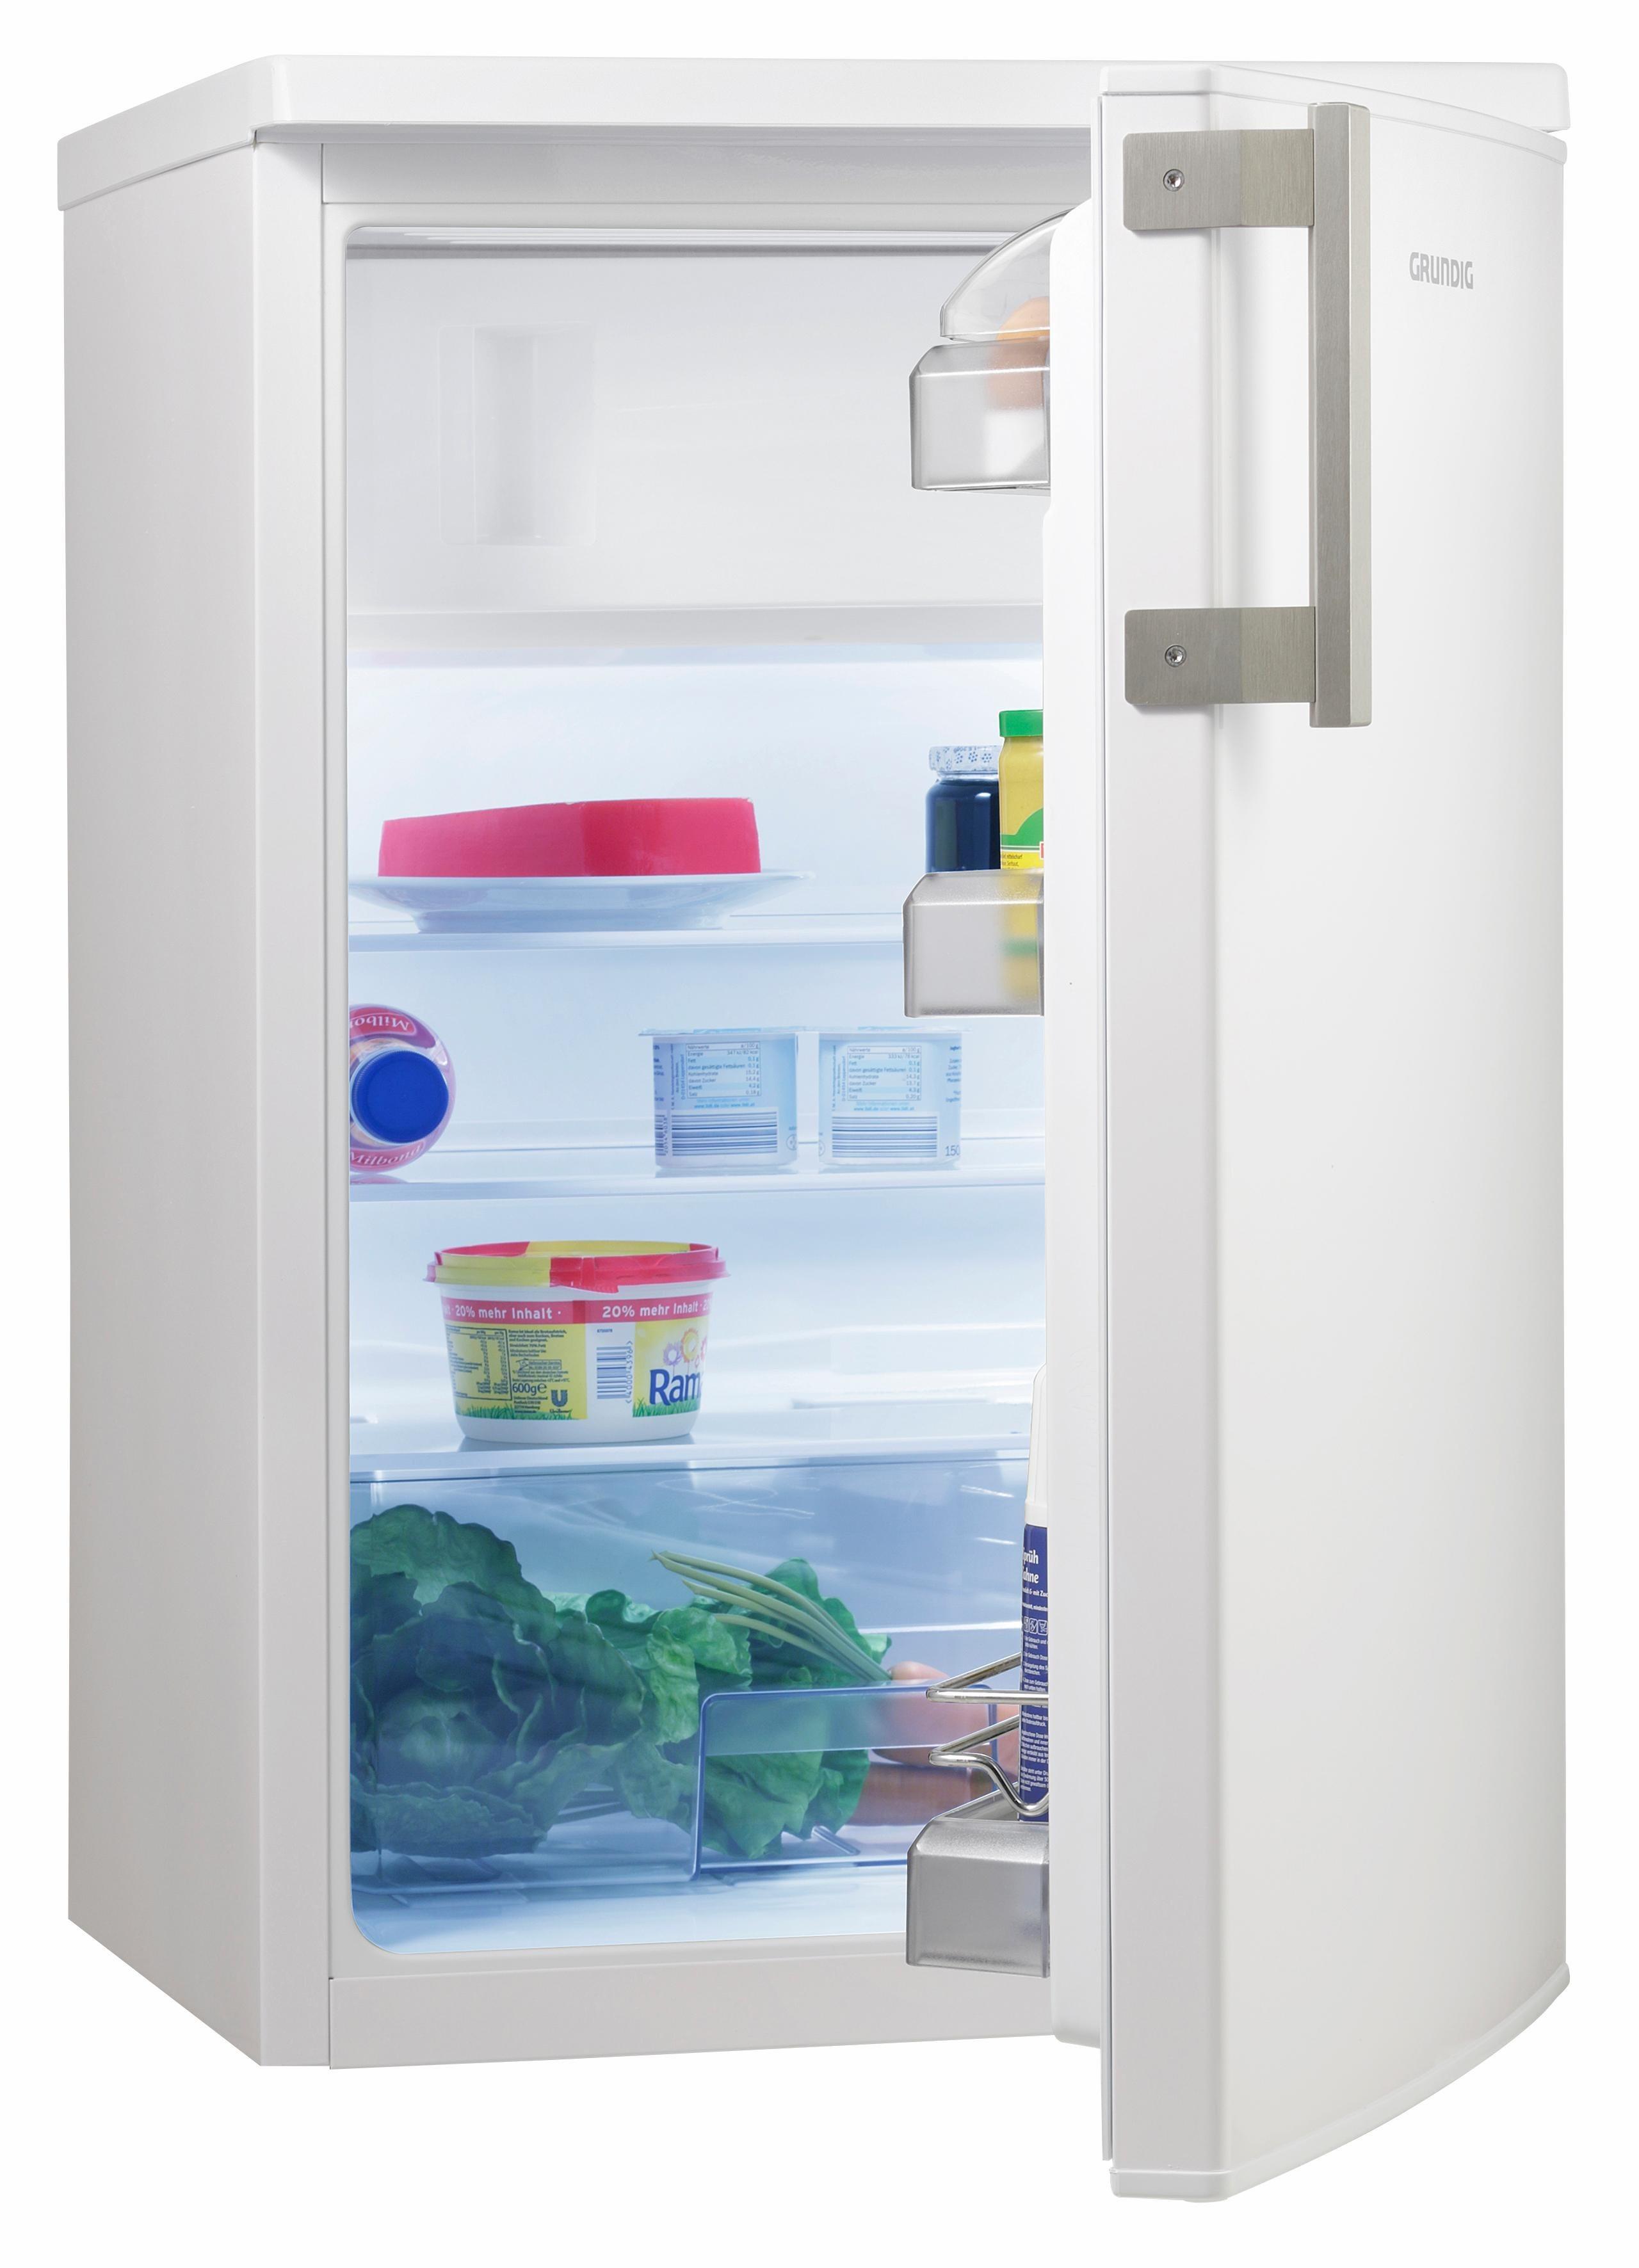 Ziemlich Flaschenhalter Für Kühlschrank Ideen - Heimat Ideen ...